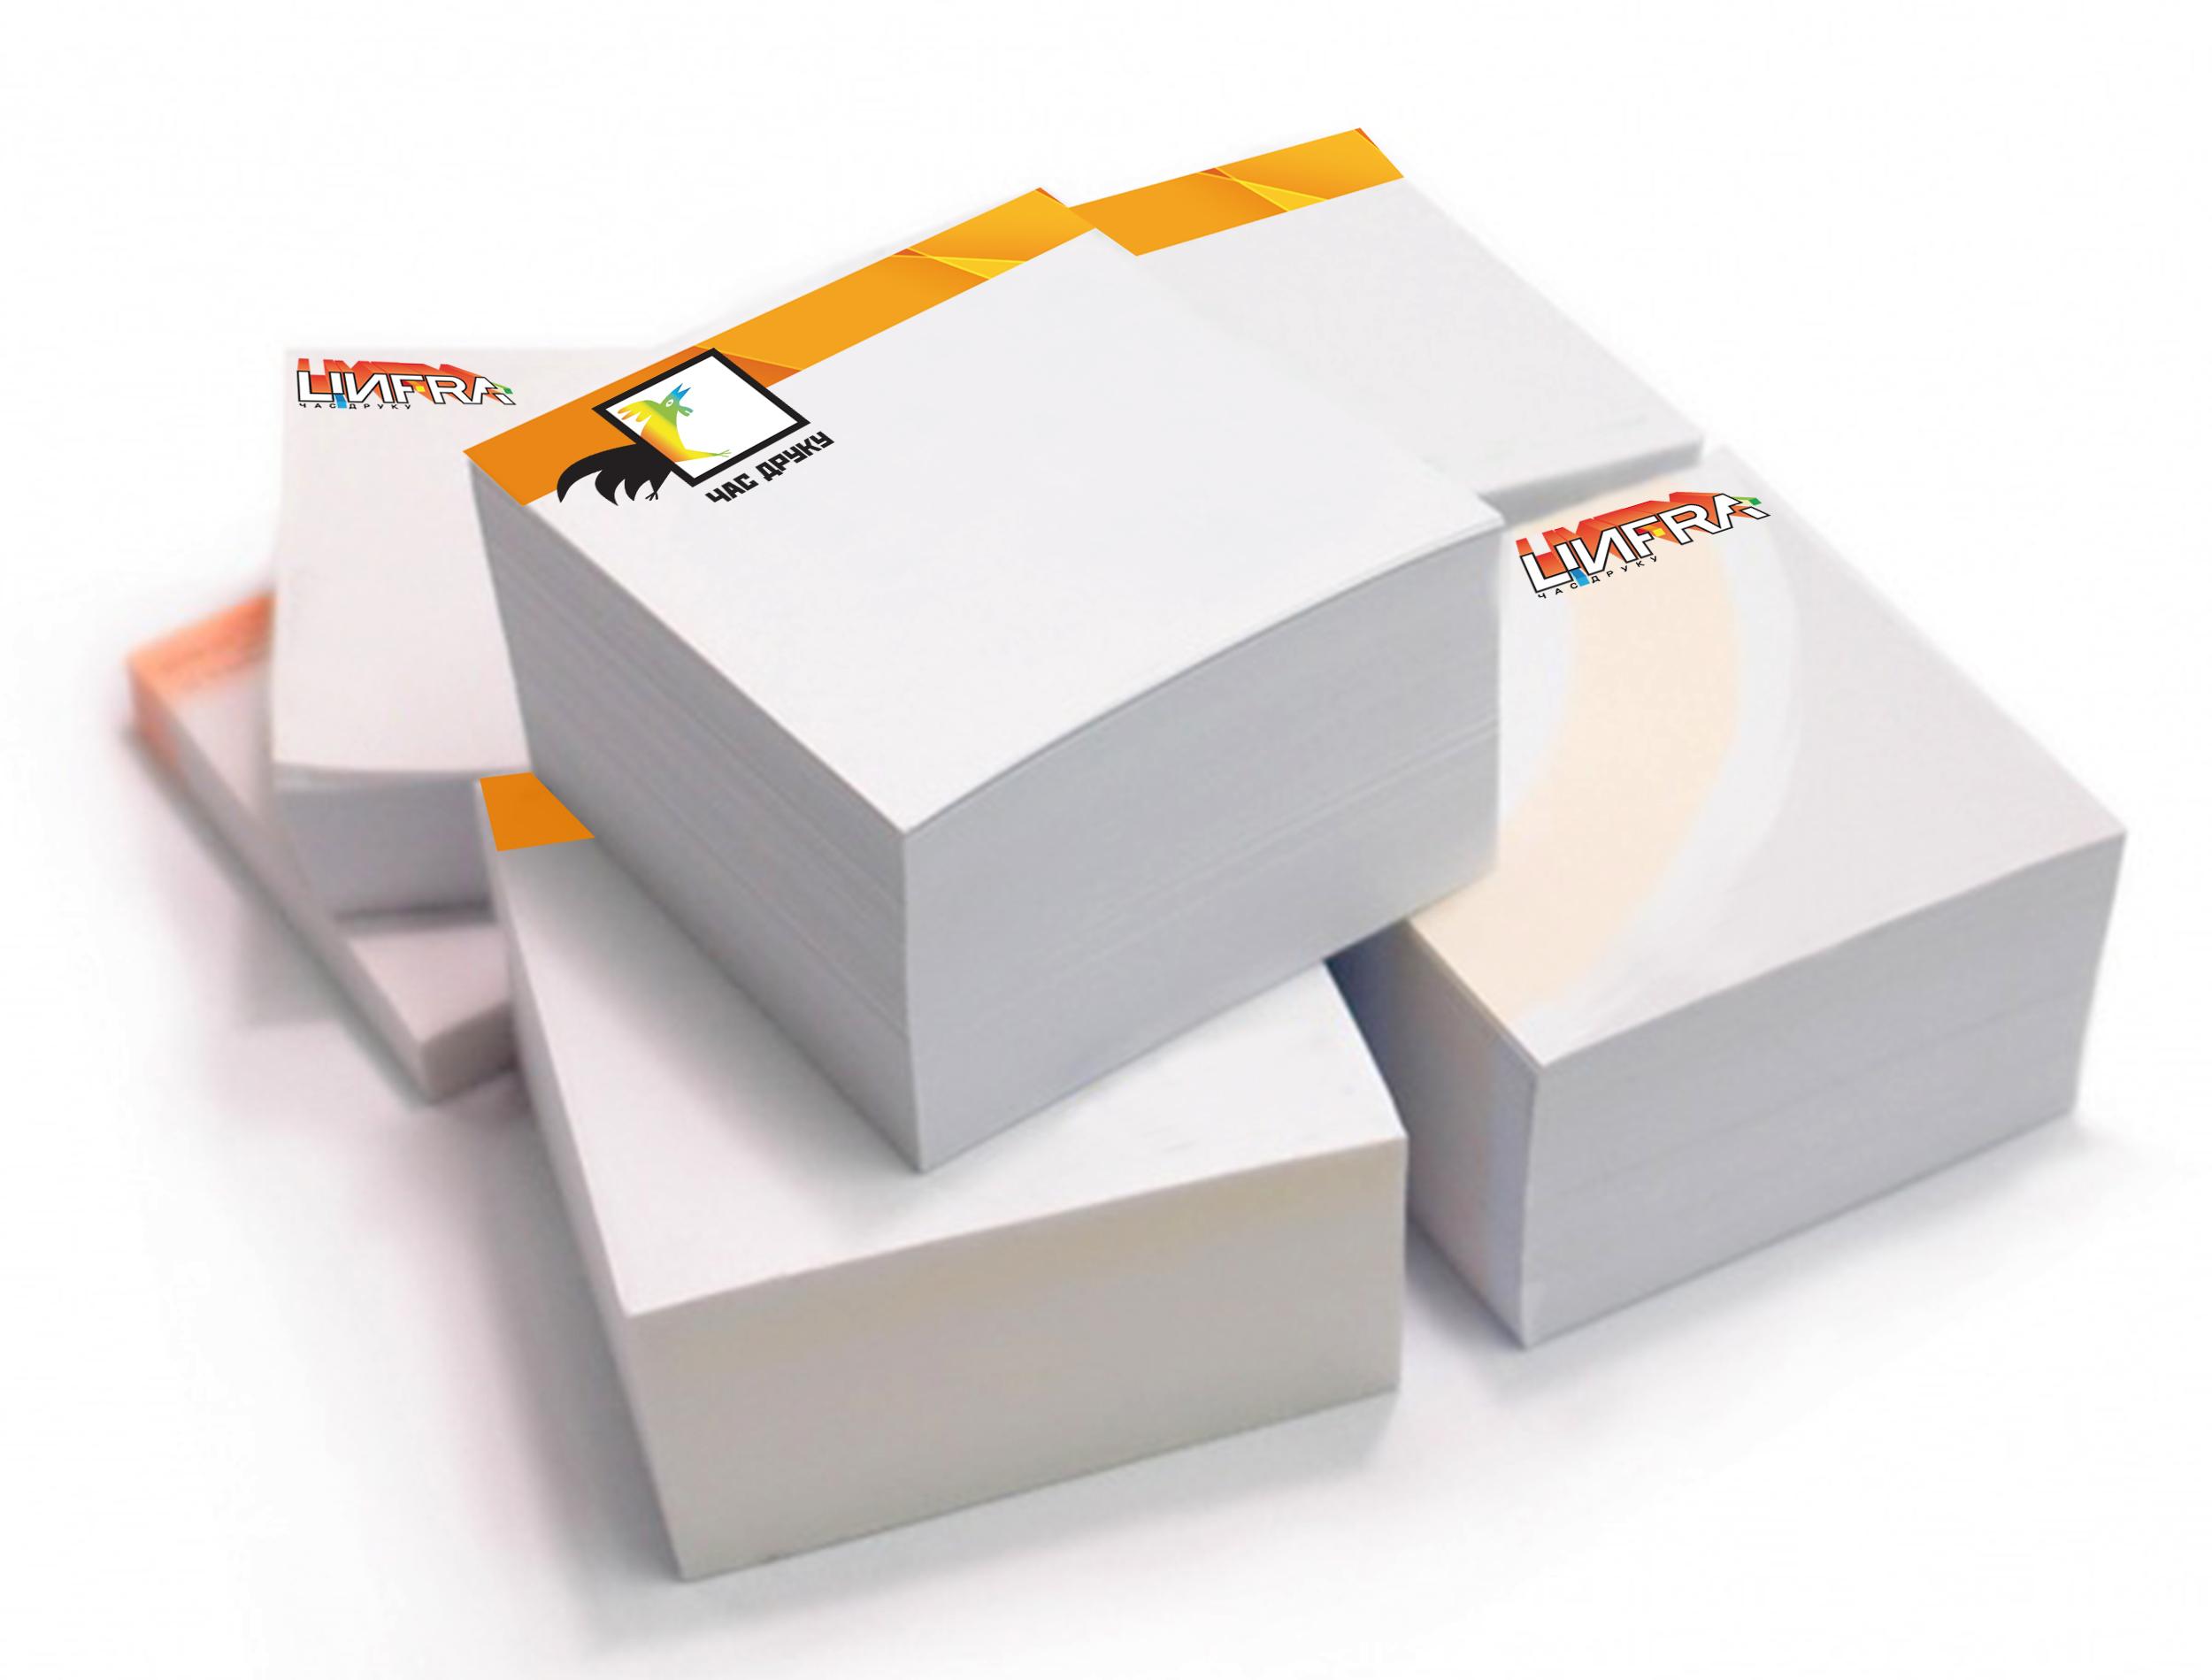 доставки суши, печать полиграфические блоки москва мужа жены